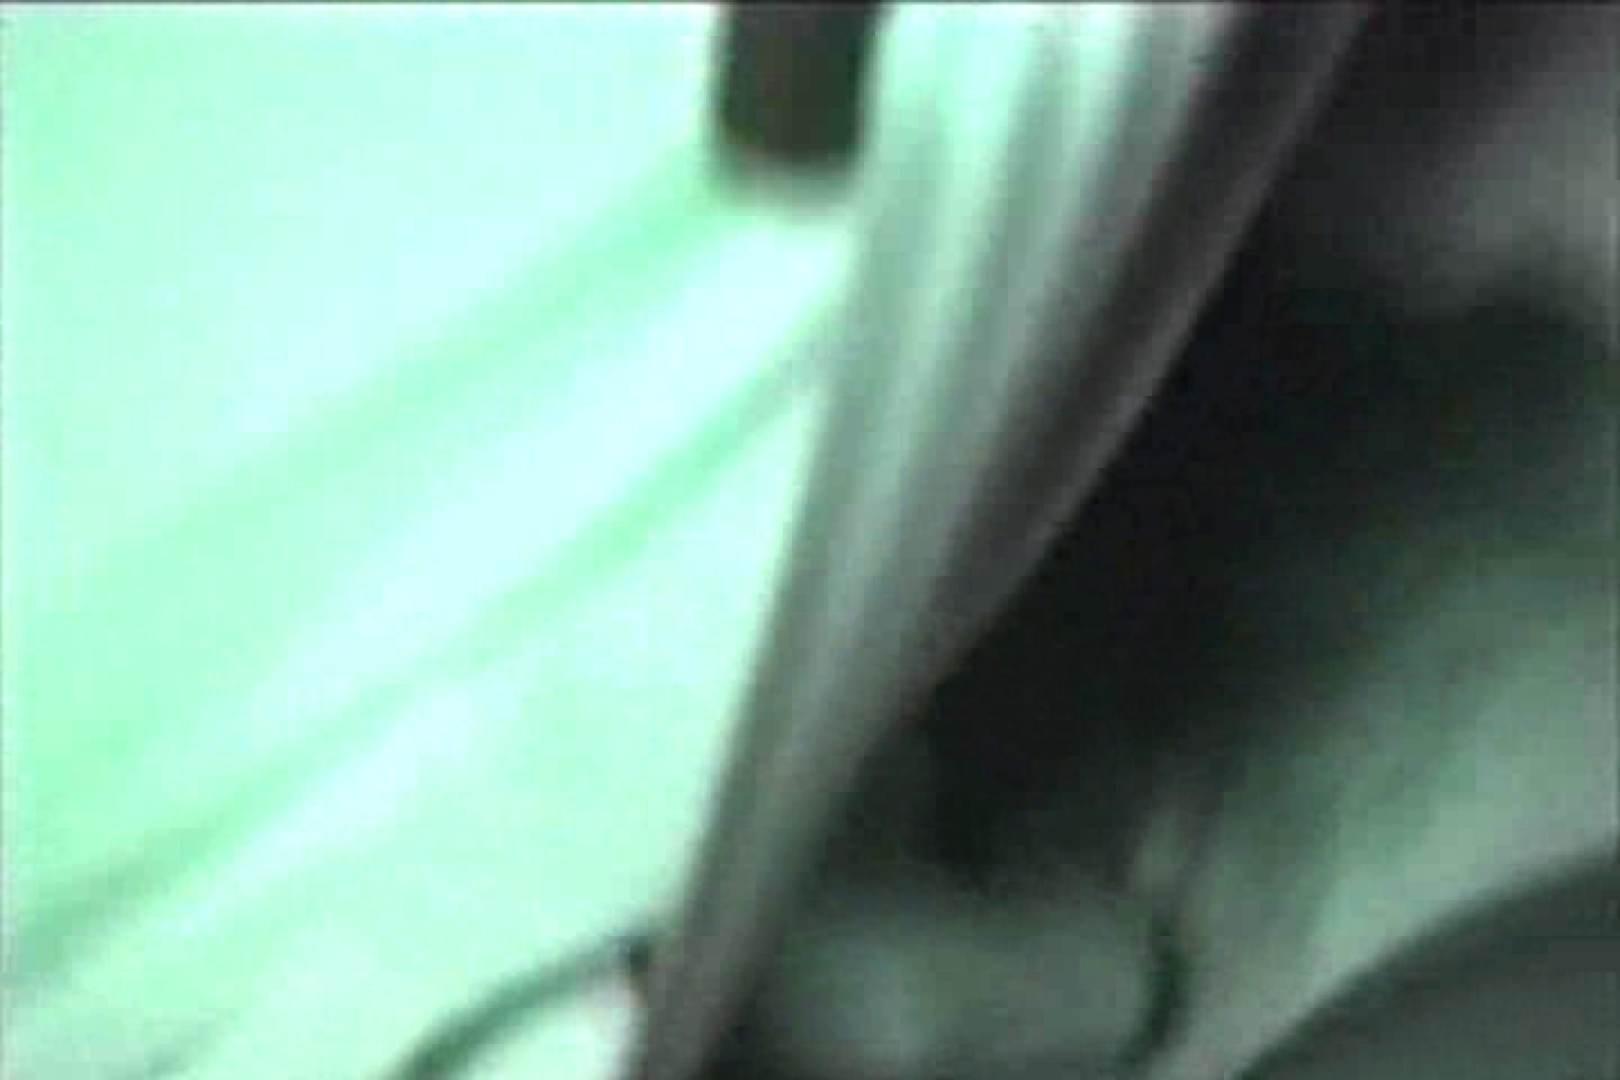 蔵出し!!赤外線カーセックスVol.18 盗撮特集 AV無料動画キャプチャ 96画像 39